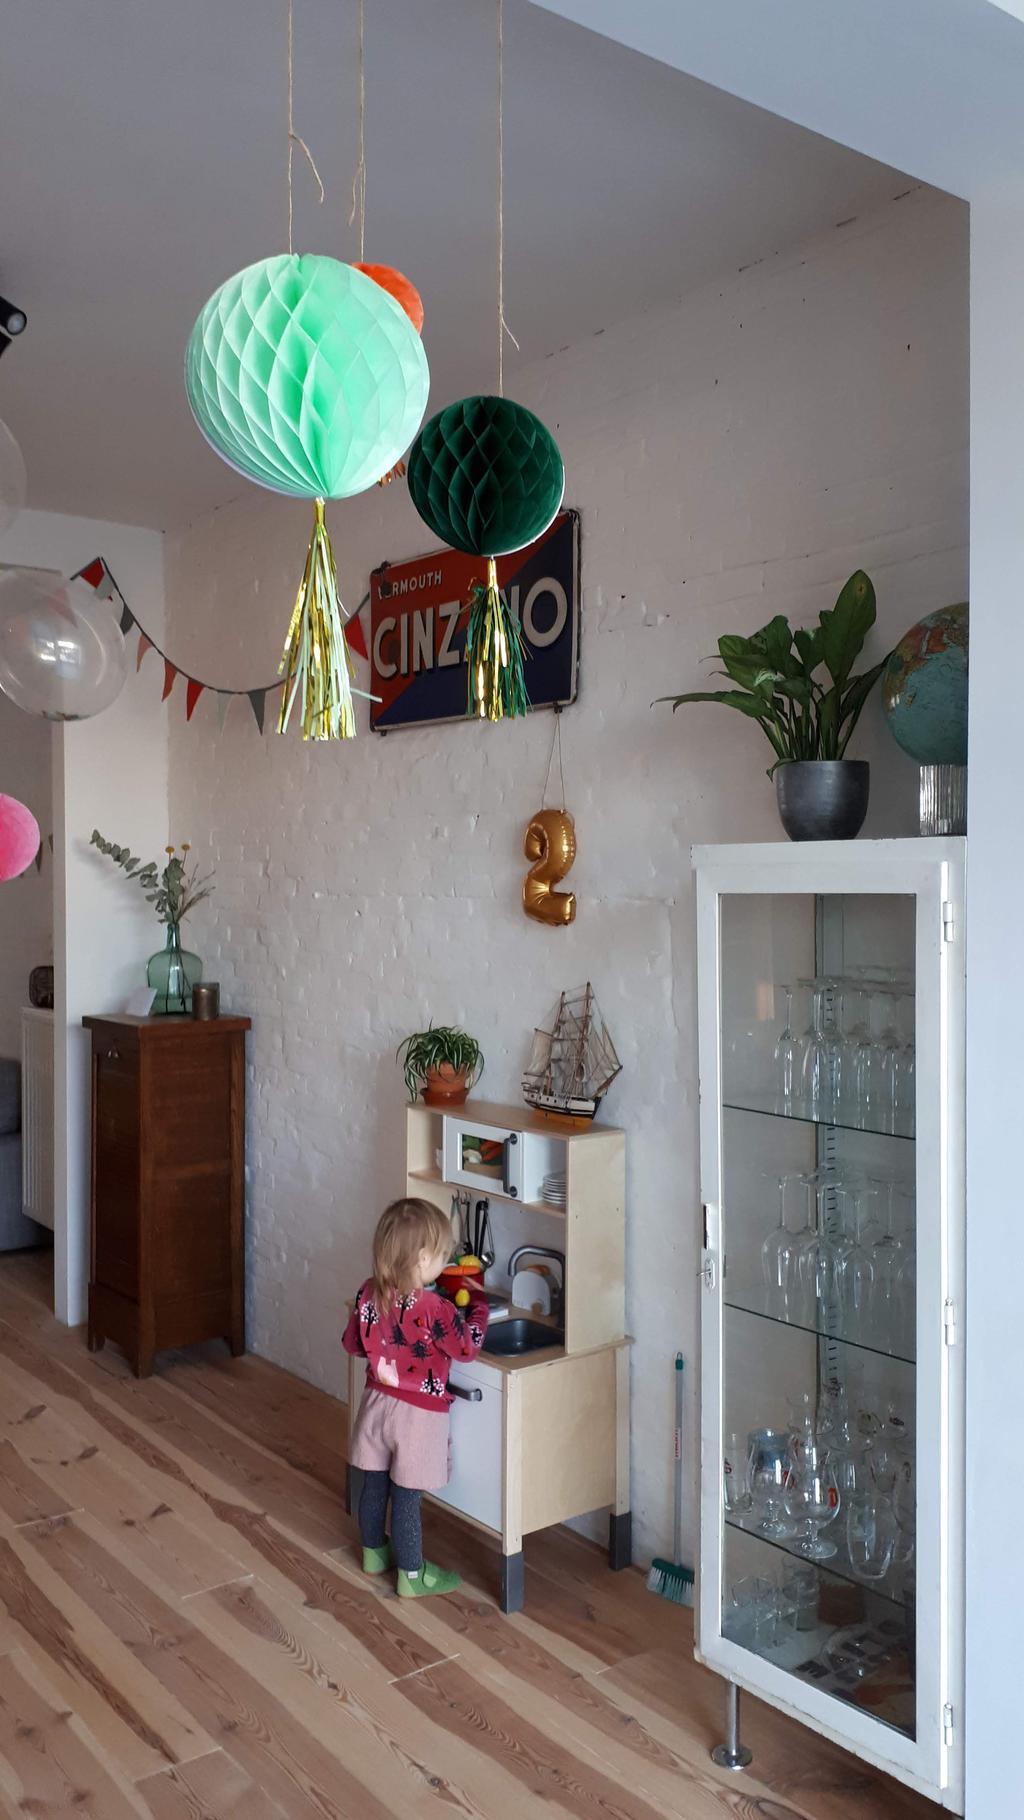 de-andere-kant-van-de-keuken-waar-mijn-dochter-haar-mini-keukentje-staat